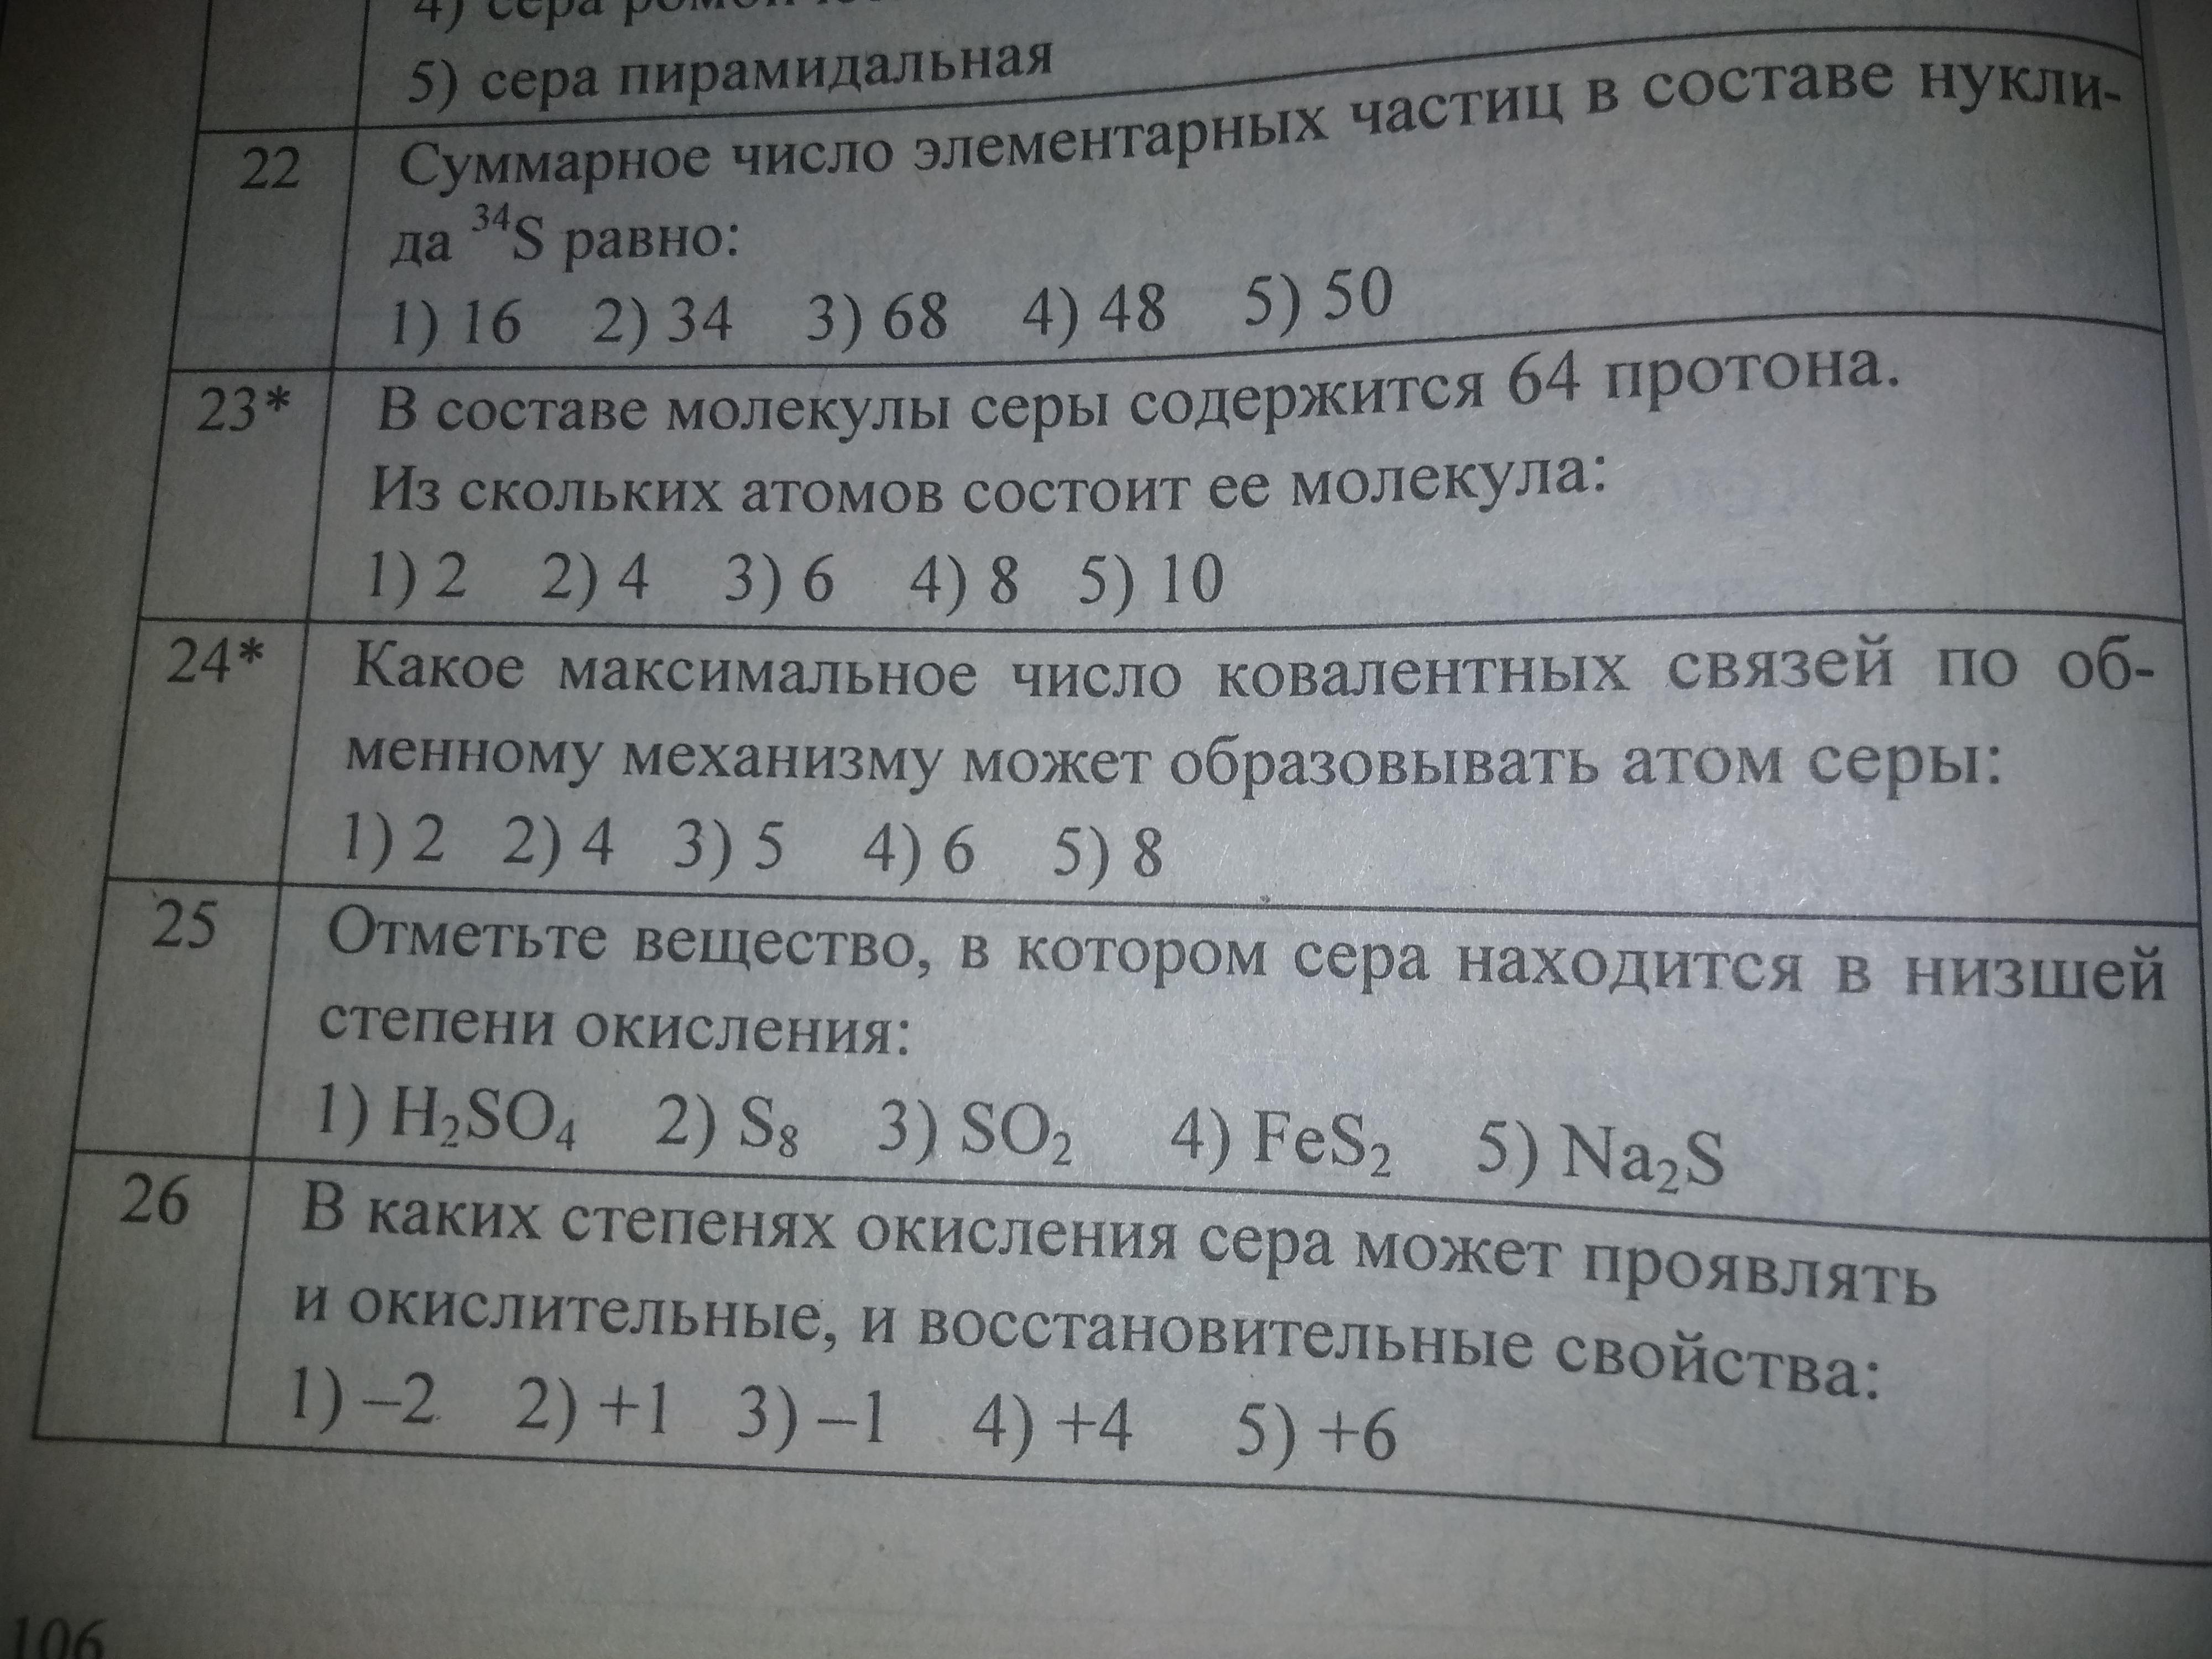 Можете объяснить почему в №24 ответ: 4)6?Как